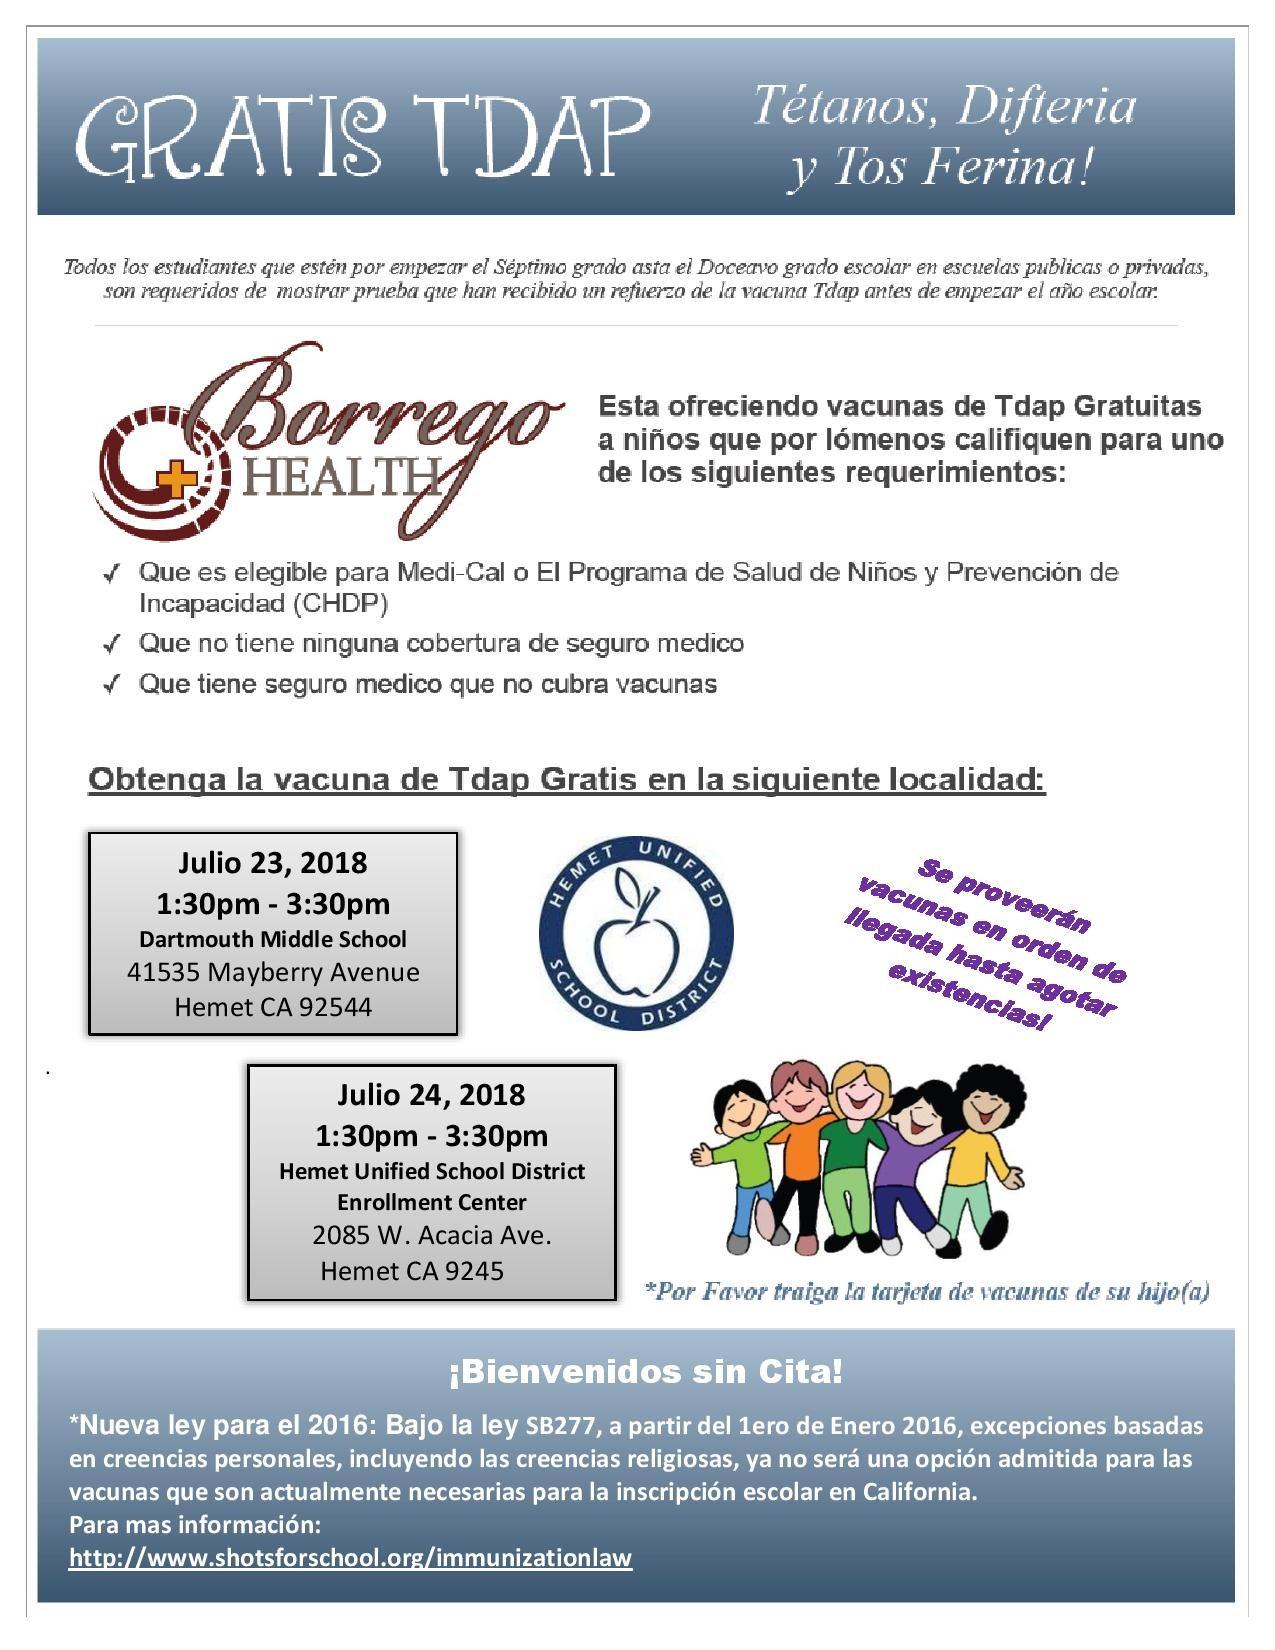 Borrego Health esta ofreciendo vacunas de Tdap Gratuitas a niños que por lómenos califiquen para uno de los siguientes requerimientos: Oue ese legible para Medi-Cal o El Programa de Salud de Niños y Prevención de Incapacidad (CHDP) Que no tiene ninguna cobertuna de seguro medico Que tiene seguro medico que no cubra vacunas Julio 23, 2018  1:30pm - 3:30pm  Dartmouth Middle School   Julio 24, 2018  1:30pm - 3:30pm  Hemet Unified School District Enrollment Center